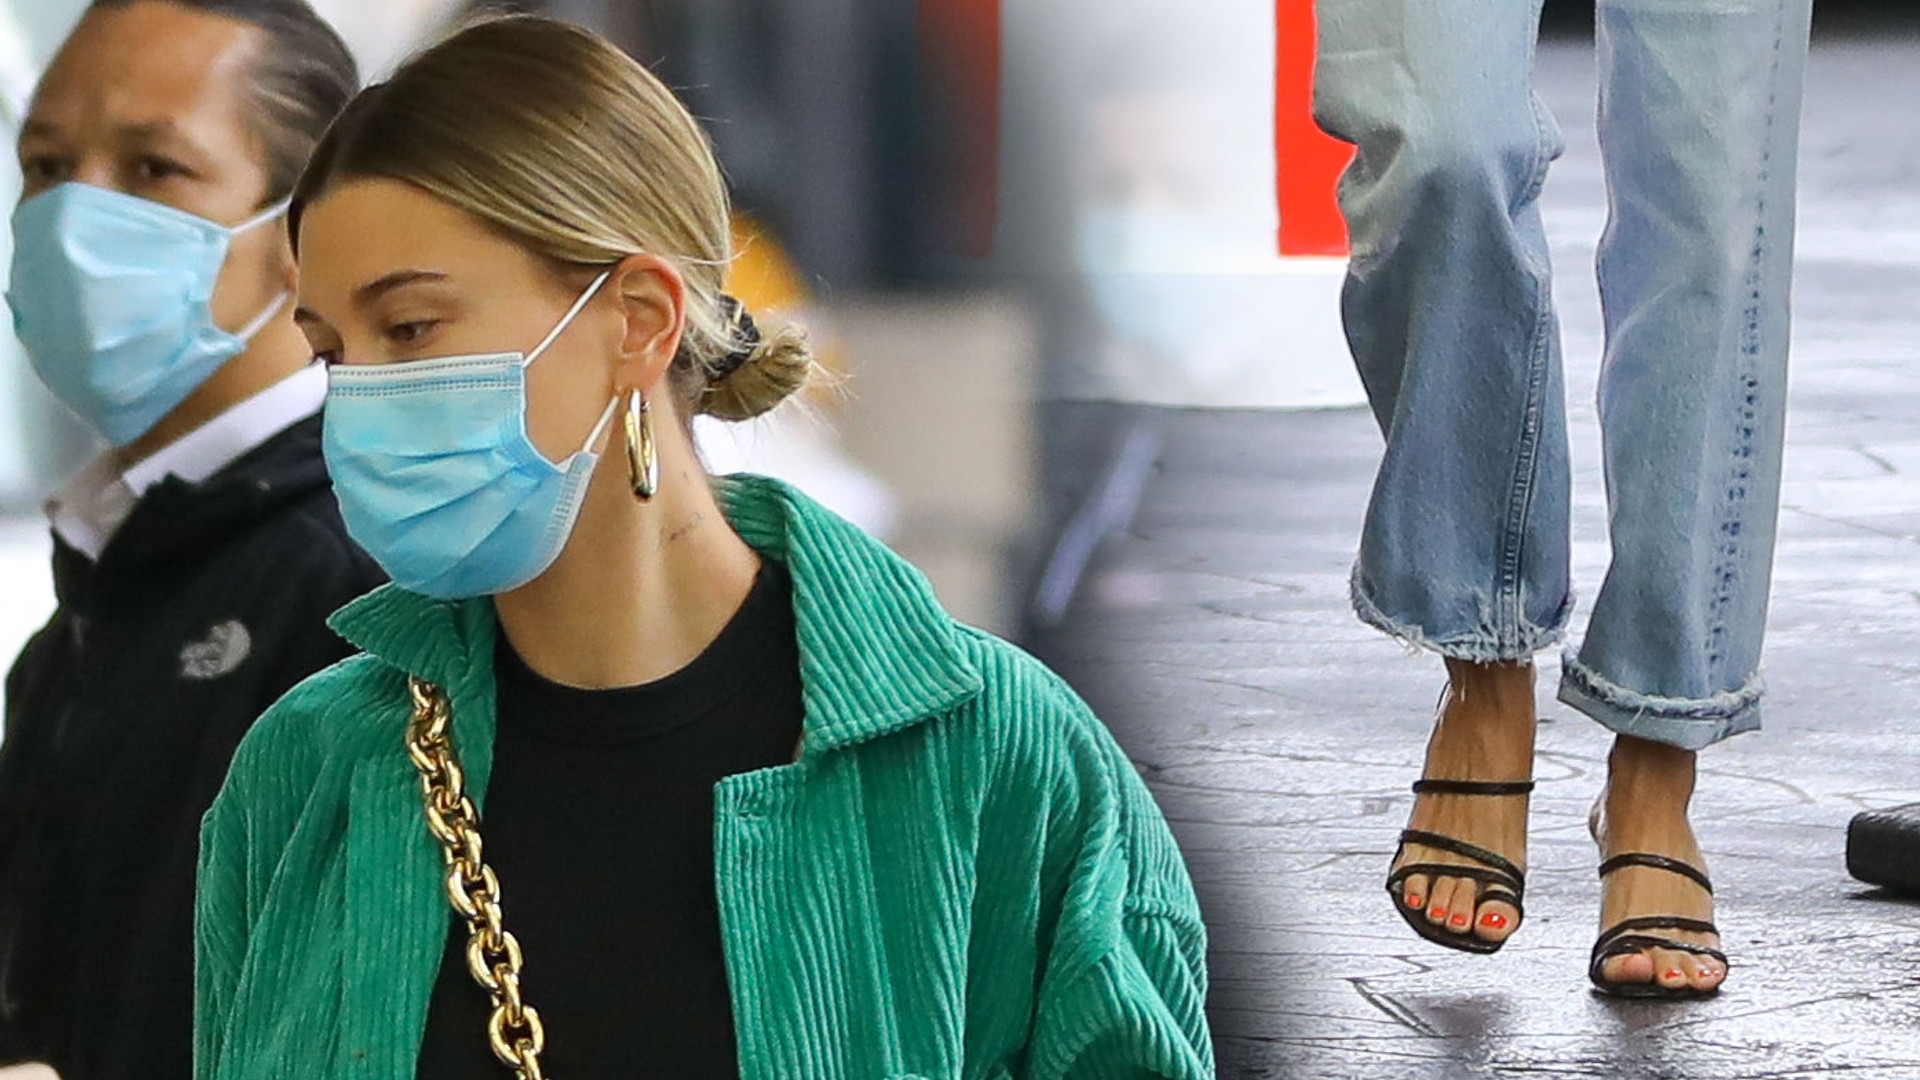 Hailey Bieber wygląda stylowo nawet w drodze do lekarza – ma torebkę w stylu Anny Lewandowskiej (ZDJĘCIA)